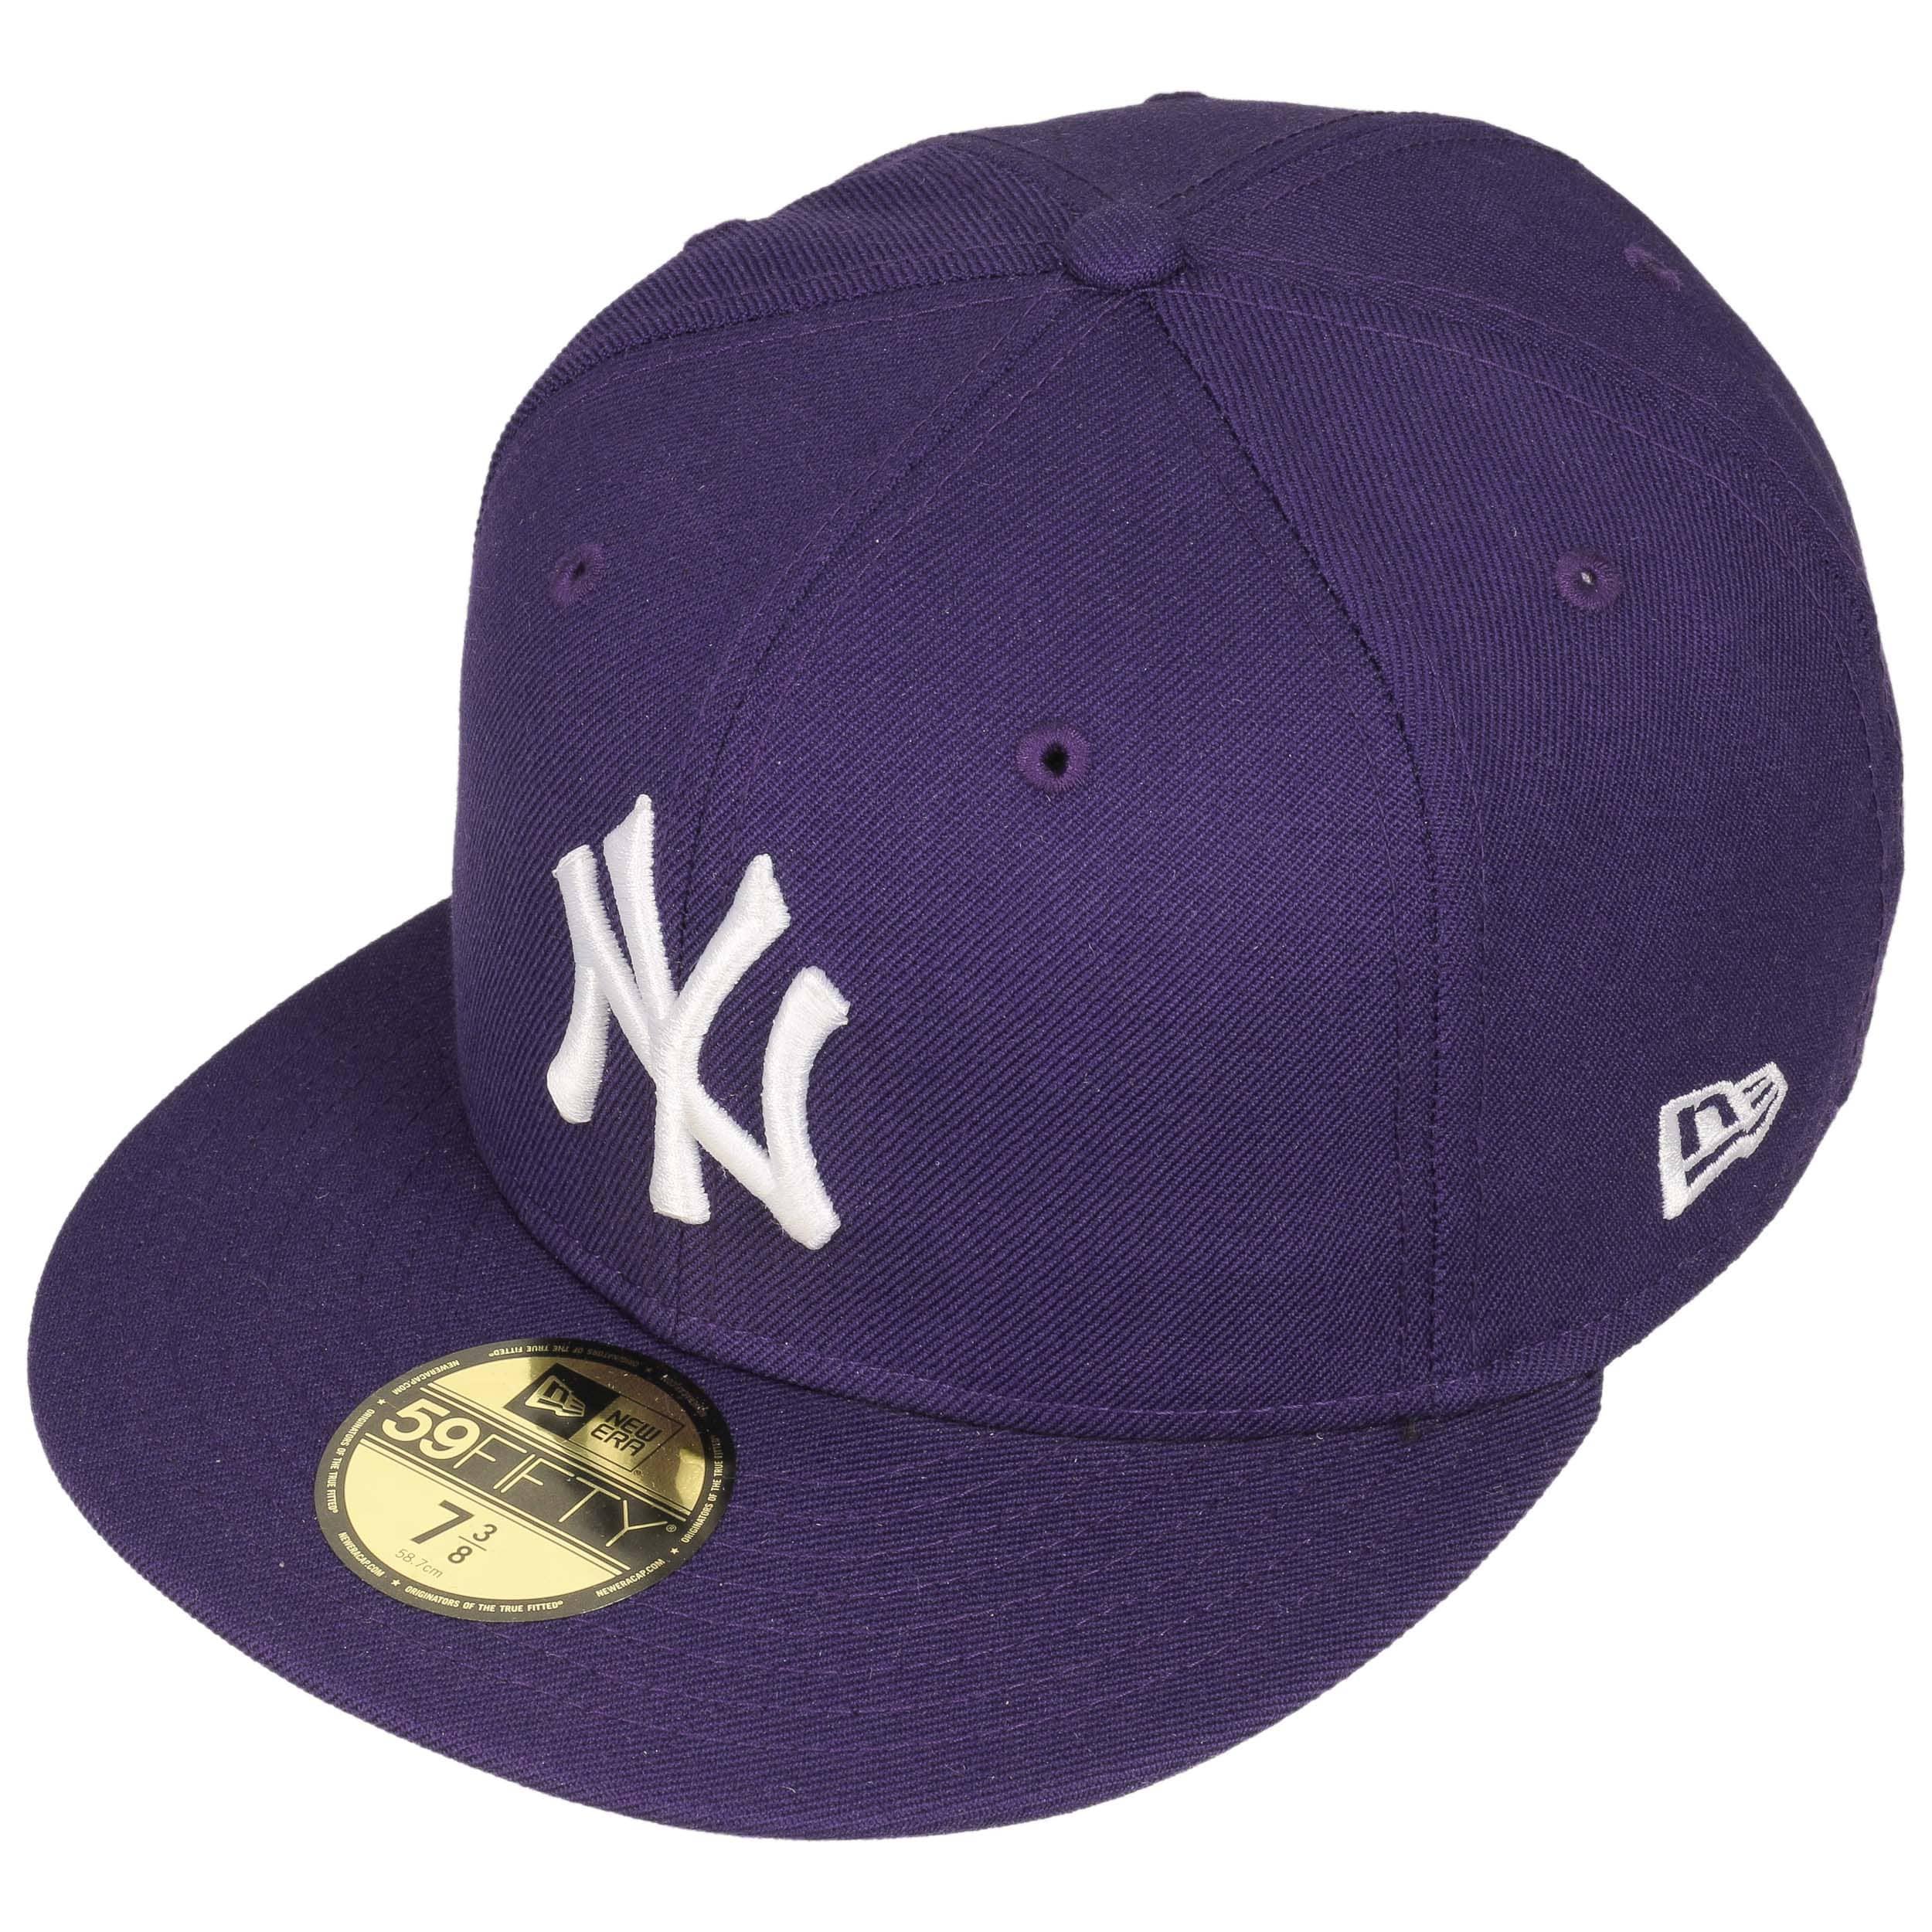 ... 59Fifty MLB Basic NY Cap by New Era - purple 1 ... e764649ef87